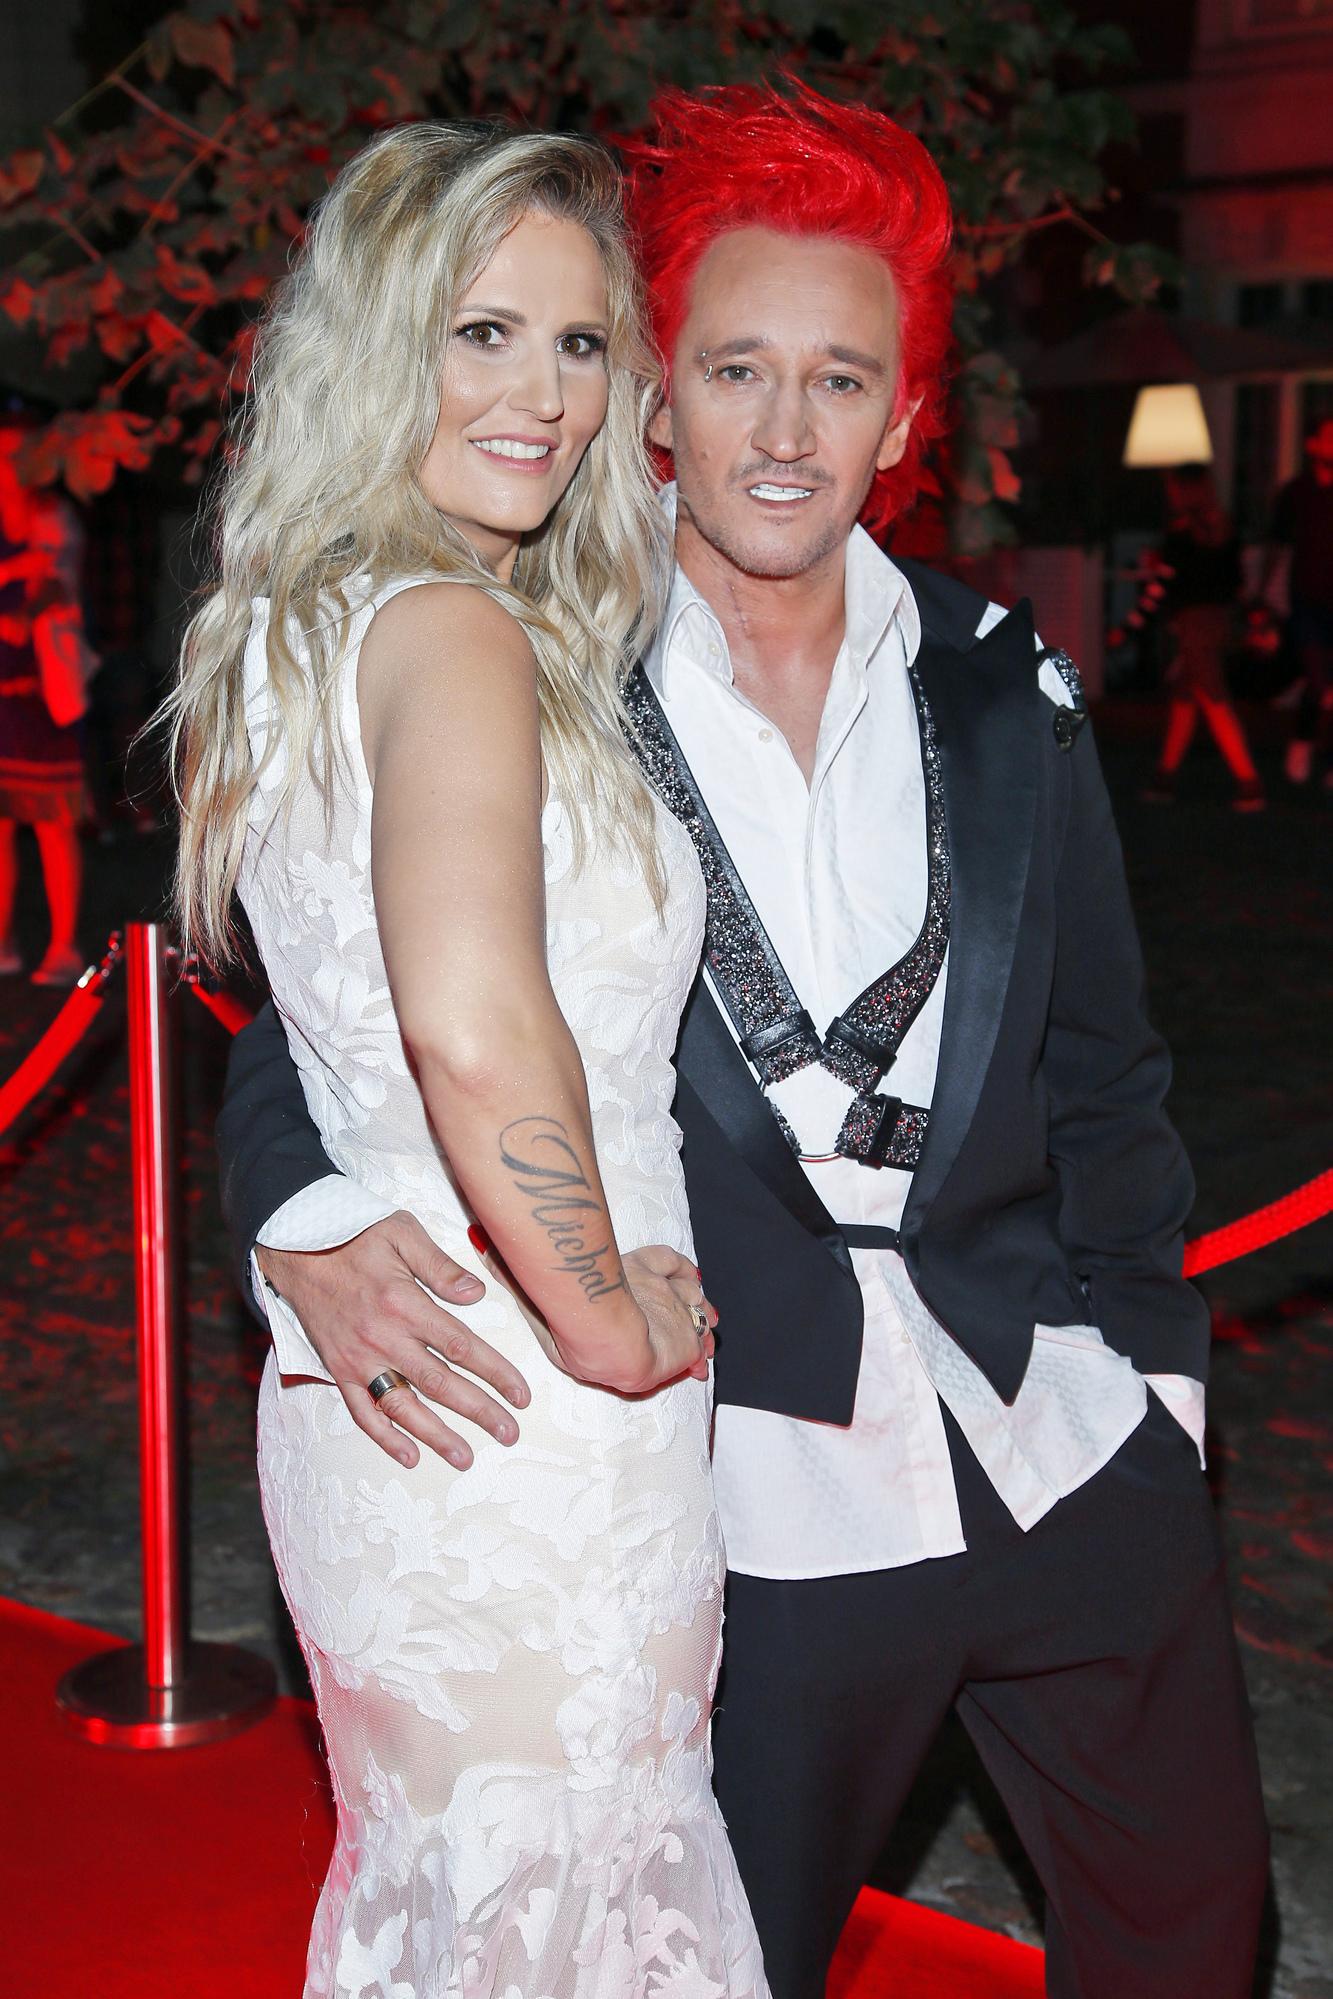 Dominika Tajner z Michałem Wiśniewskim przytulają się na imprezie